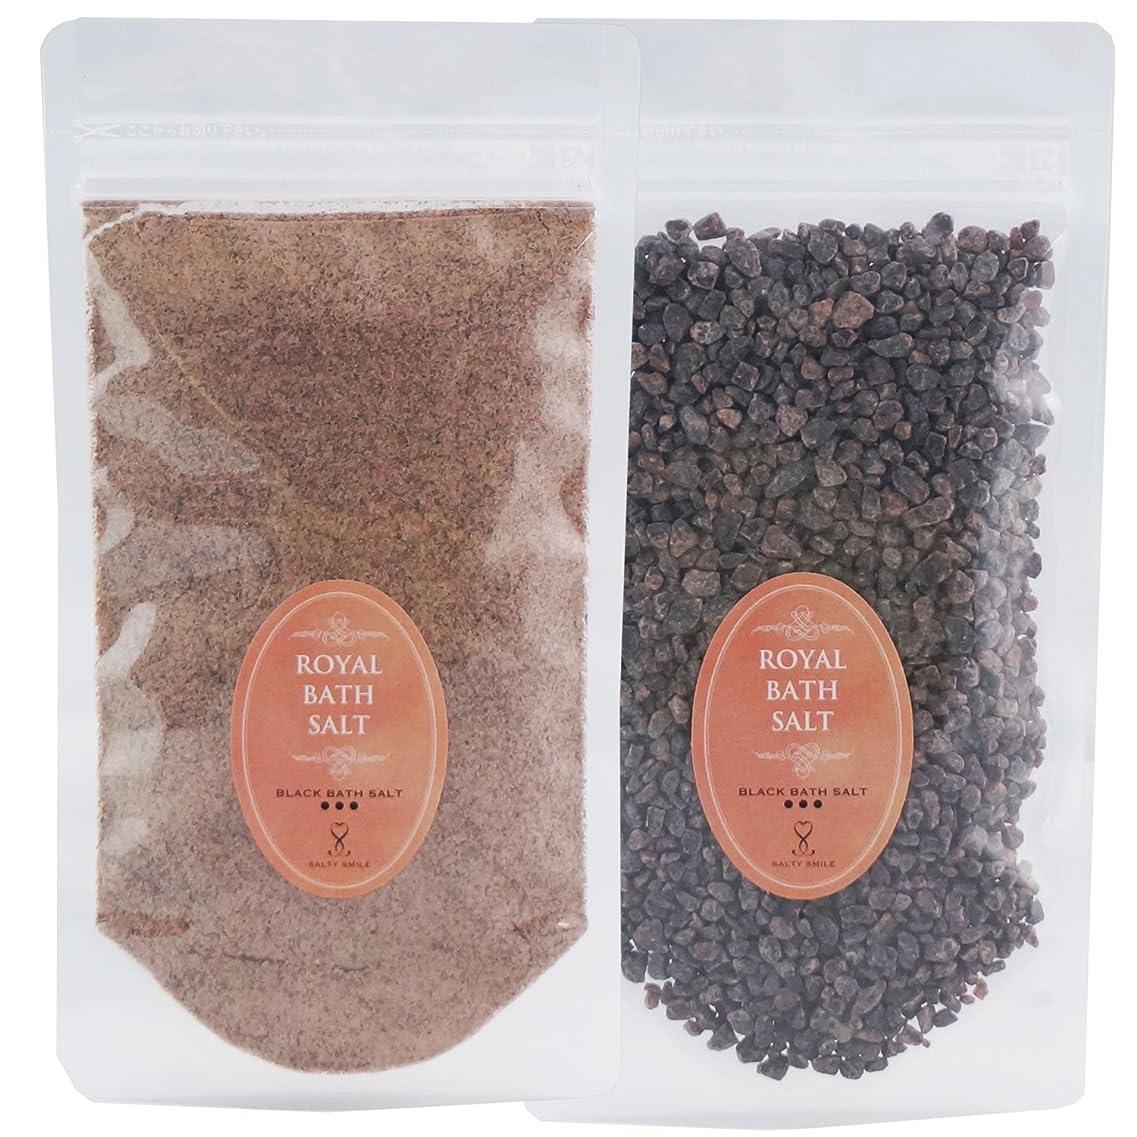 比較的半導体解くロイヤル バスソルト ヒマラヤ岩塩 ブラック パウダー グレイン 各200g 粗粒 粉 ROYAL BATH SALT